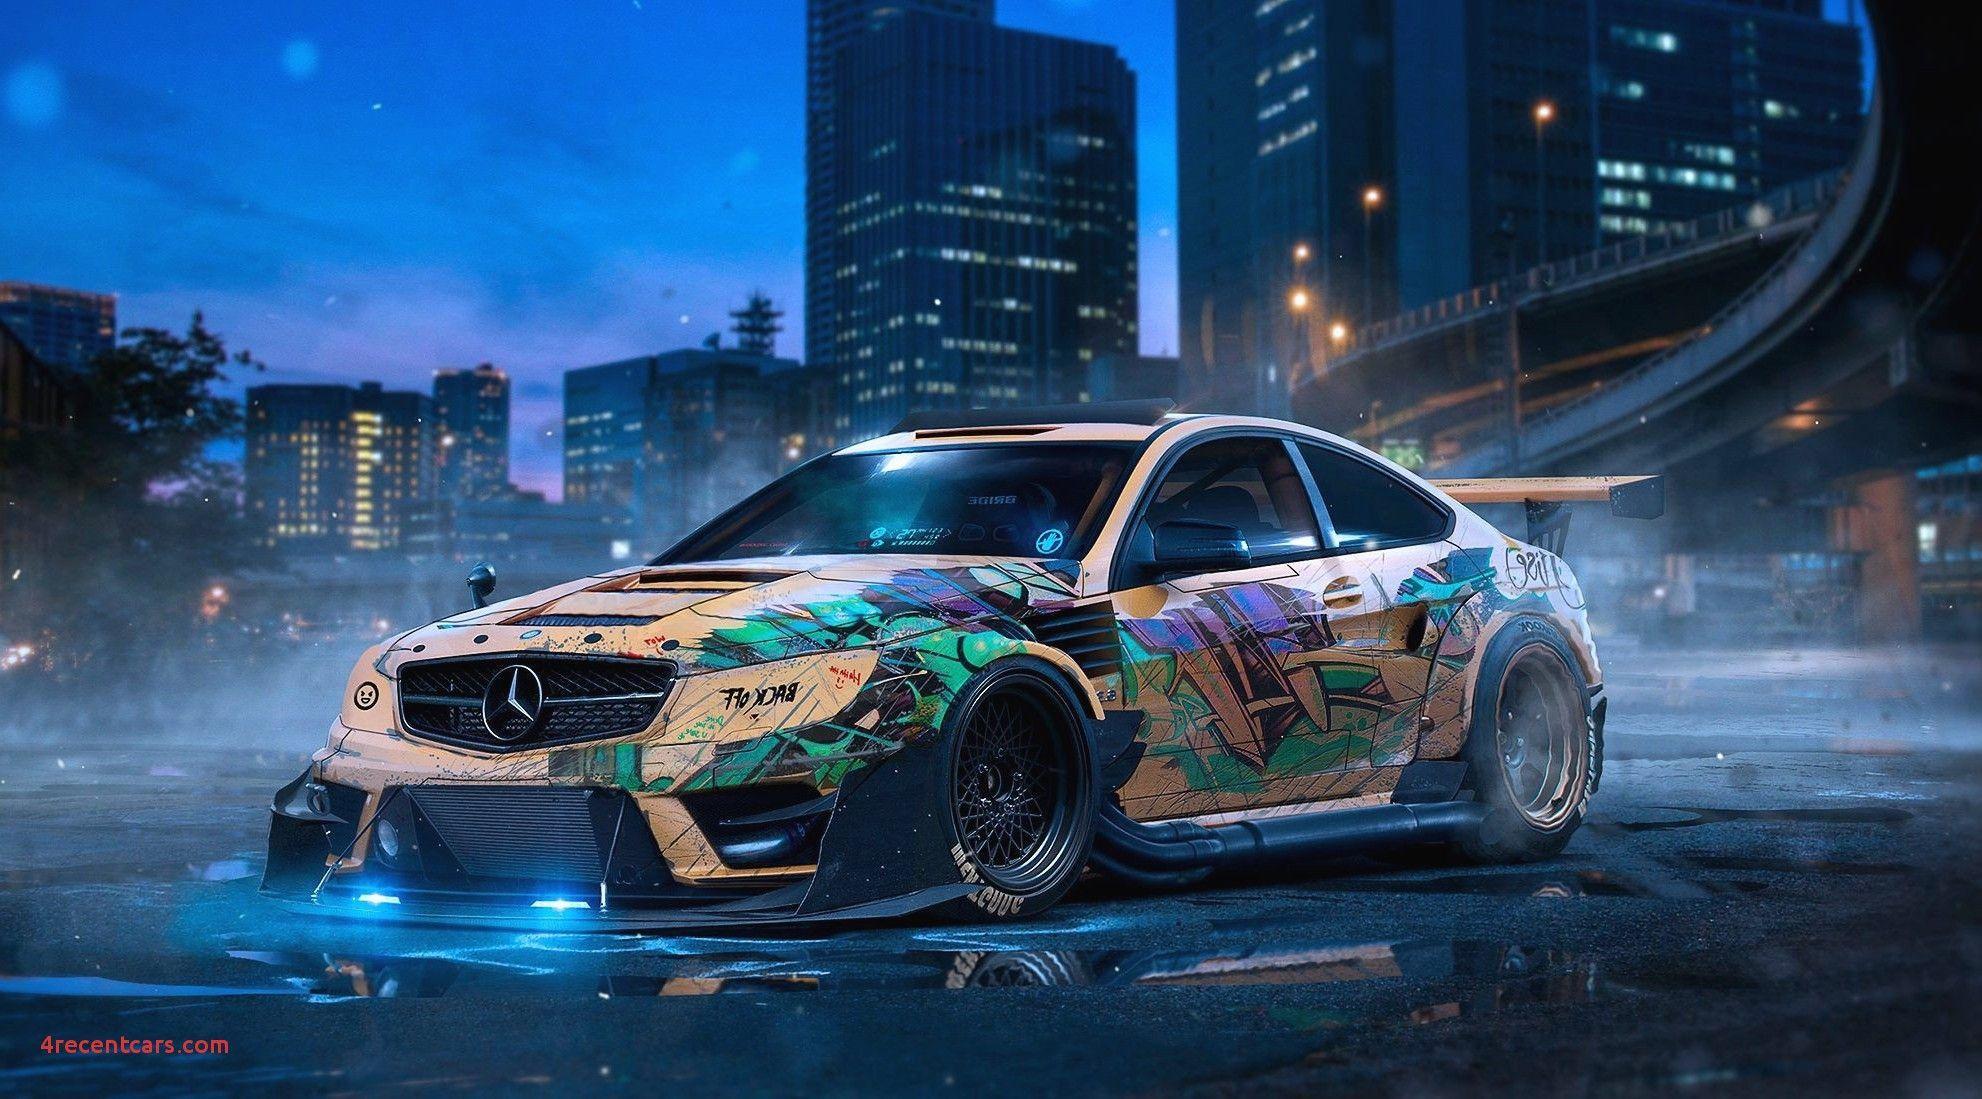 Street Drift Cars Wallpapers Top Free Street Drift Cars